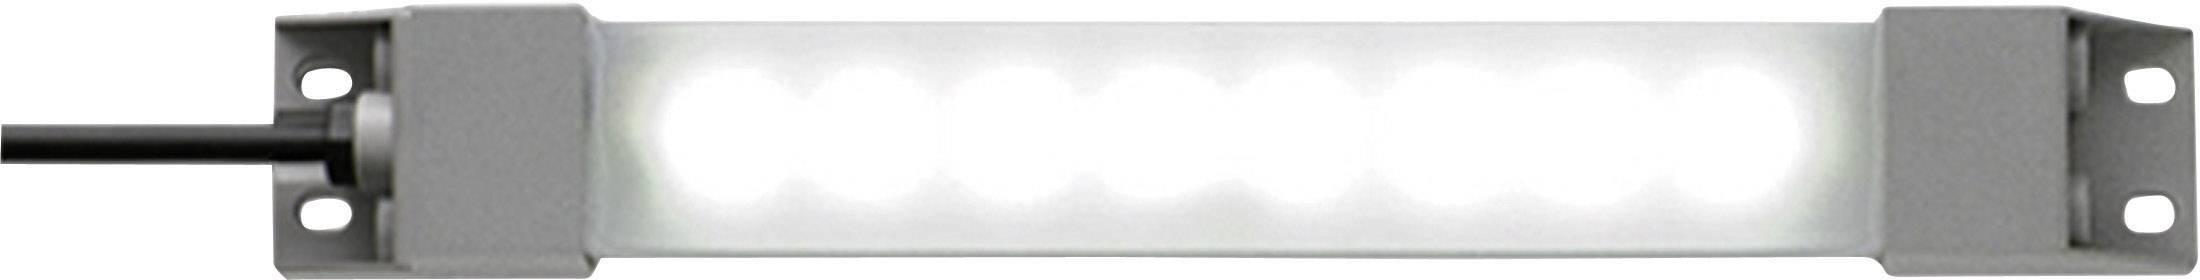 LED osvětlení zařízení LUMIFA Idec LF1B-NB4P-2THWW2-3M, 24 V/DC, bílá